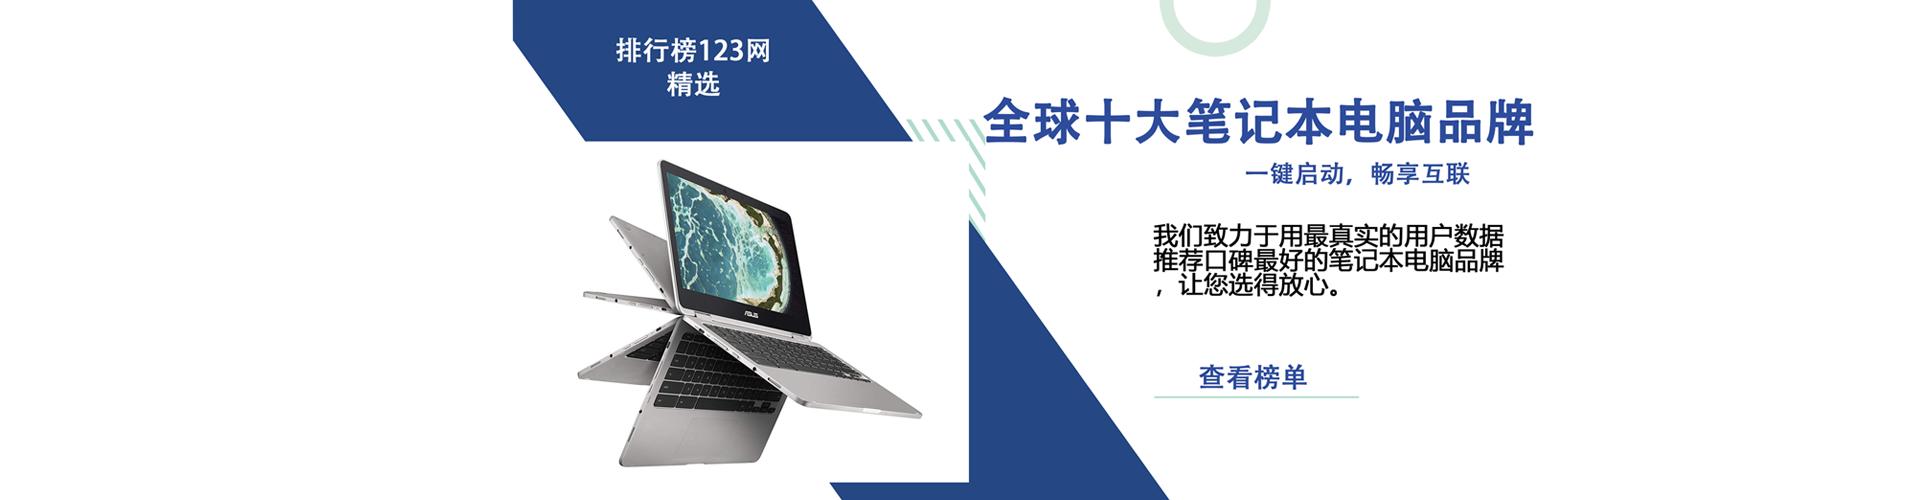 全球十大笔记本电脑品牌排行榜